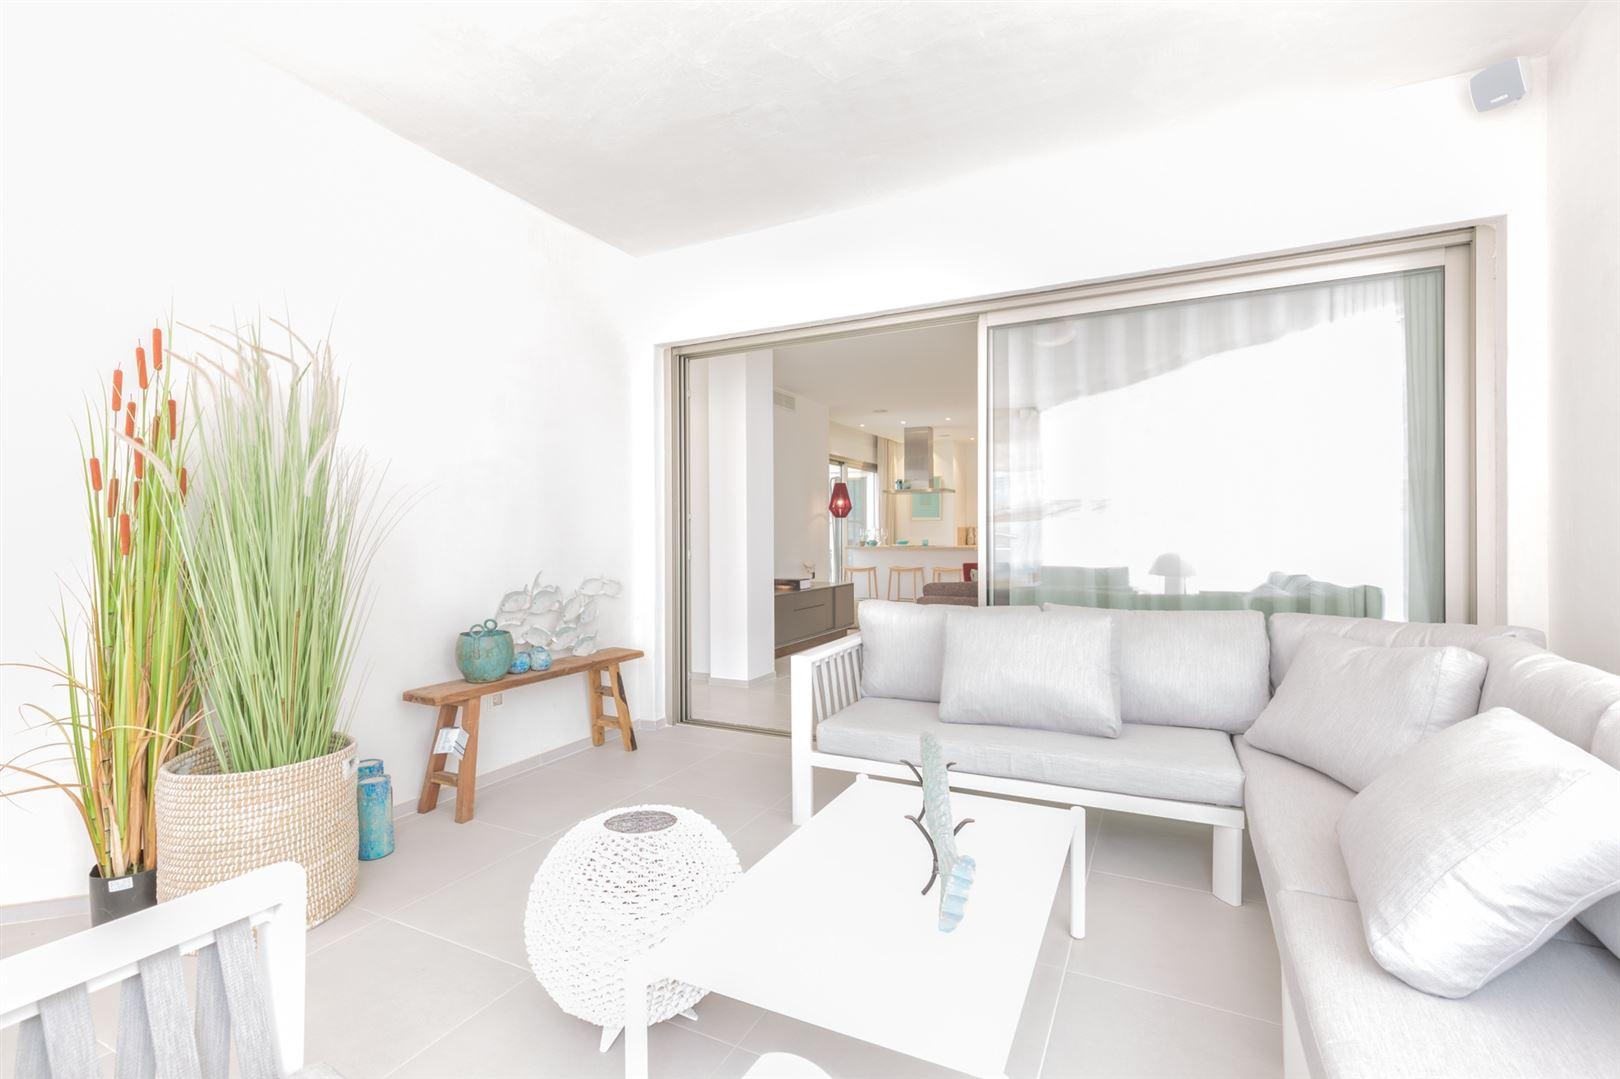 Foto 5 : Appartement te 38632 PALM MAR (Spanje) - Prijs € 450.000